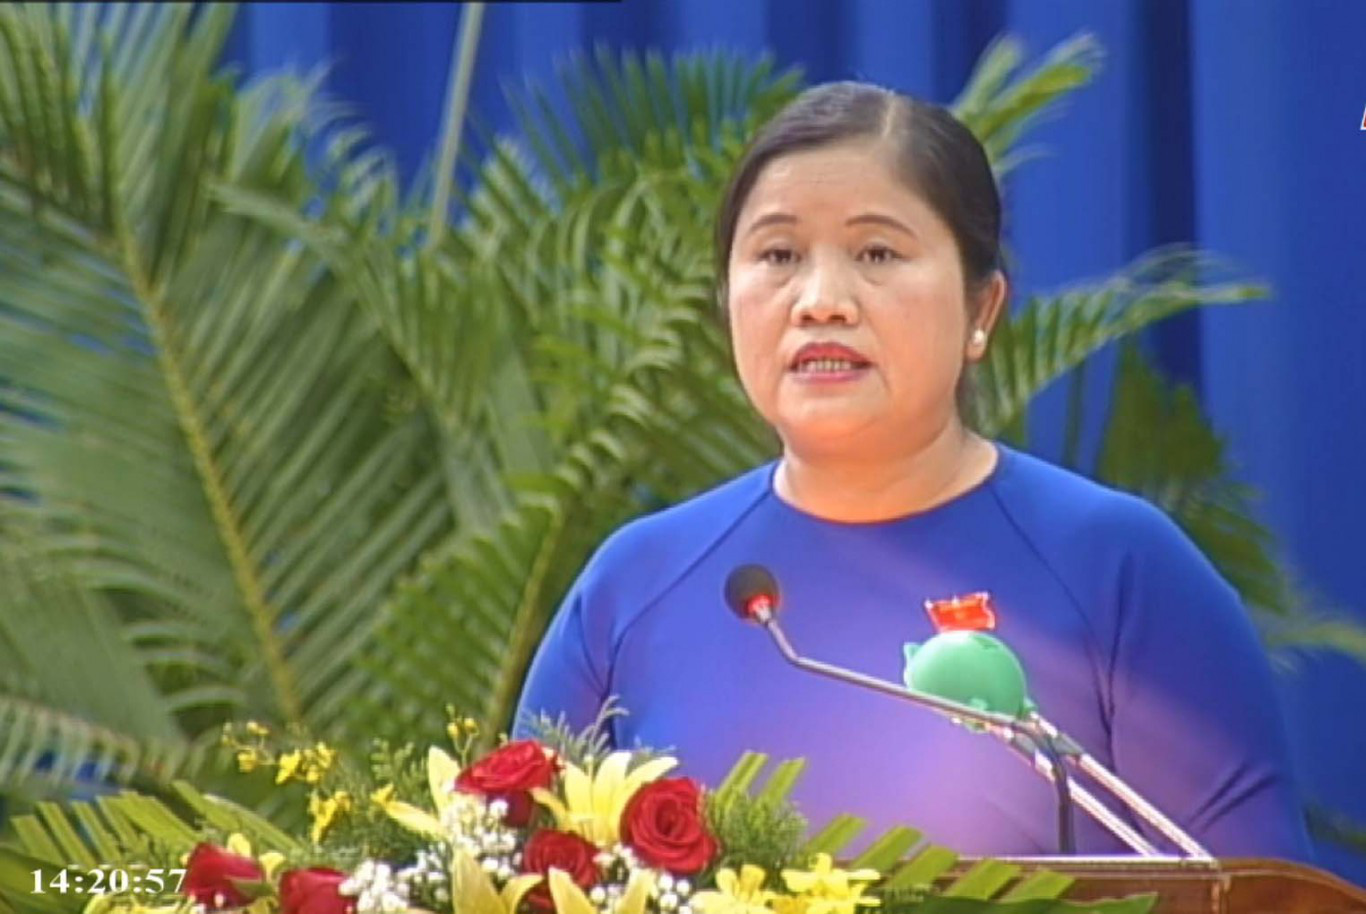 Bà Trần Tuệ Hiền trở thành tân Chủ tịch UBND tỉnh Bình Phước - Ảnh 1.